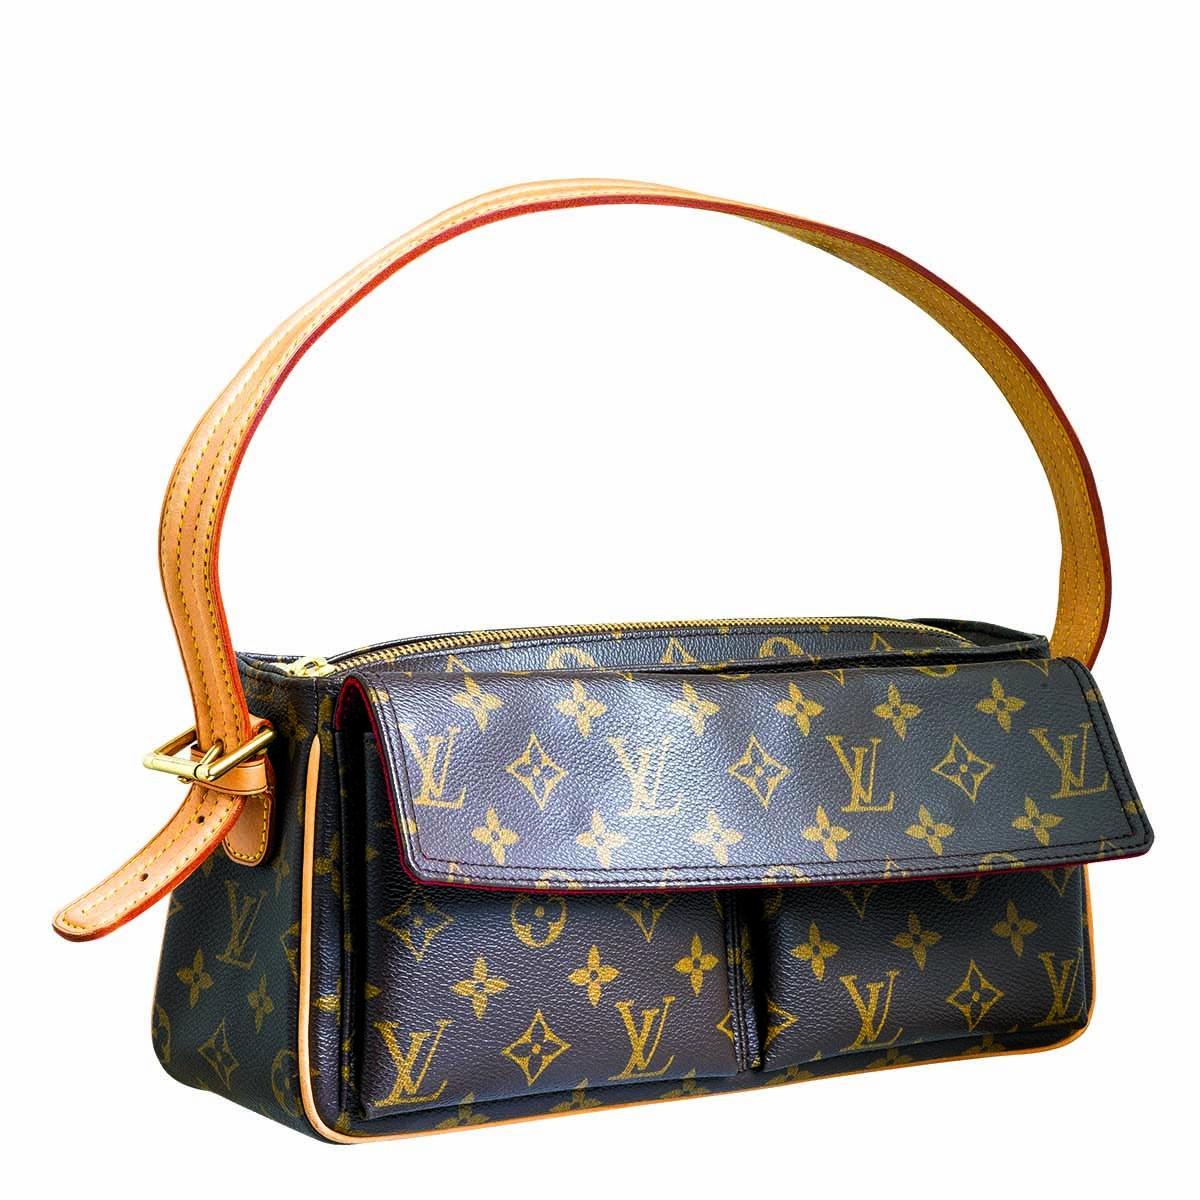 Vintage Louis Vuitton Cite Monogram Shoulder Bag